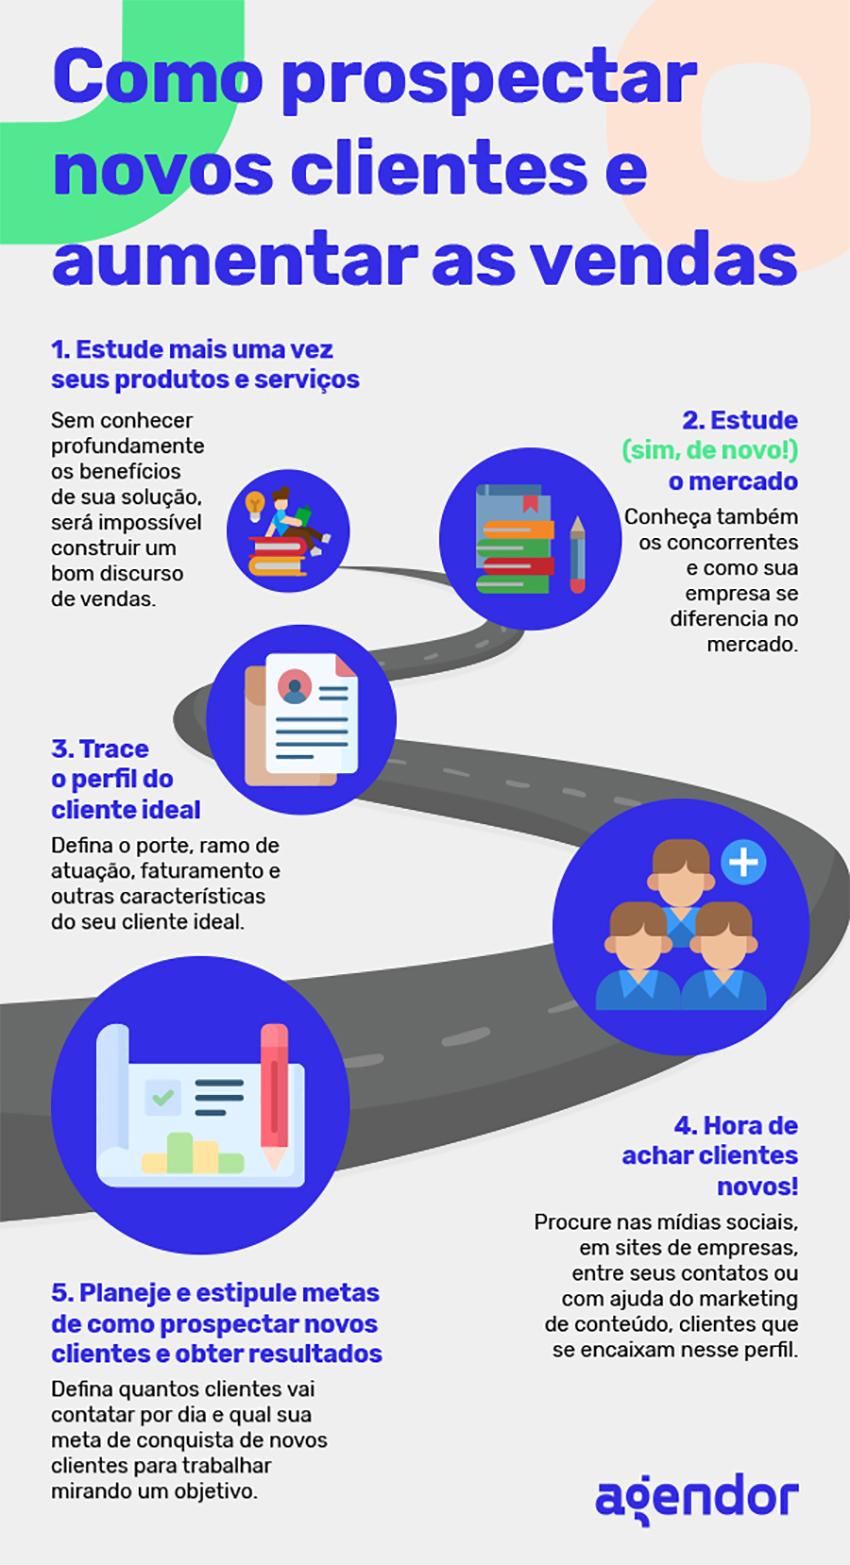 Como prospectar novos clientes e aumentar as vendas